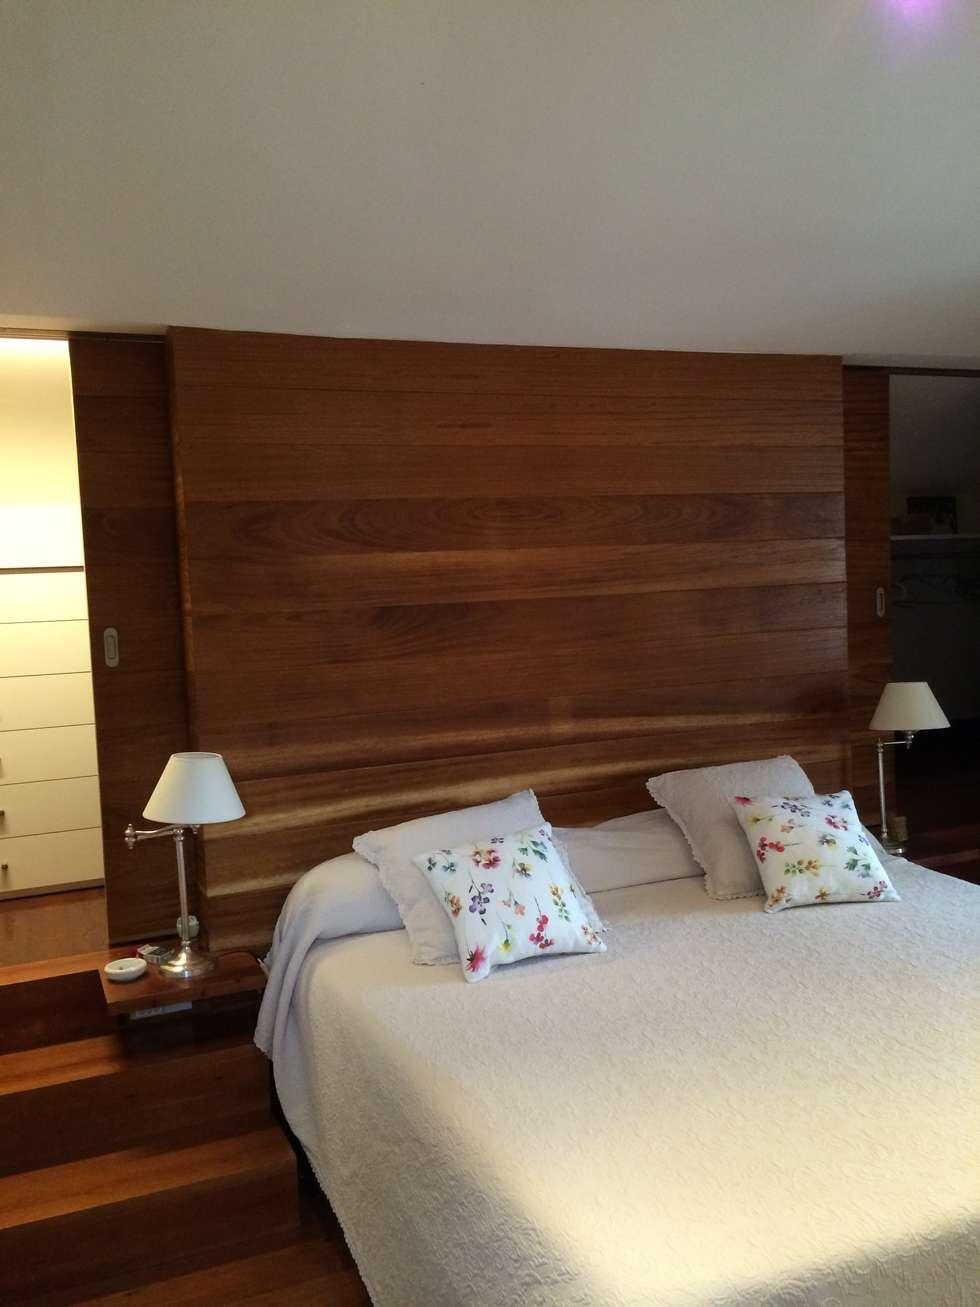 dormitorio principal con vestidor en cabecera aprovechando el desnivel de la cubierta: Dormitorios de estilo rústico de DE DIEGO ZUAZO ARQUITECTOS